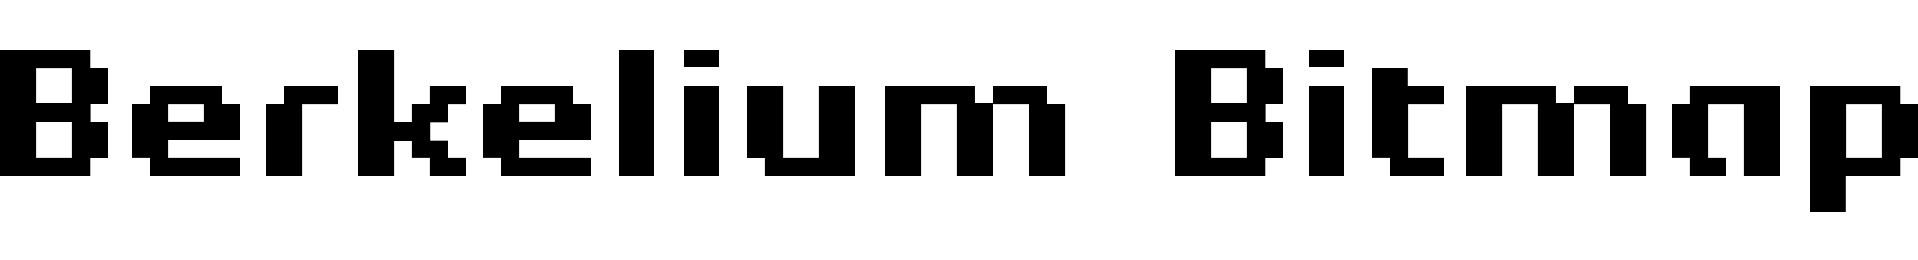 Berkelium Bitmap